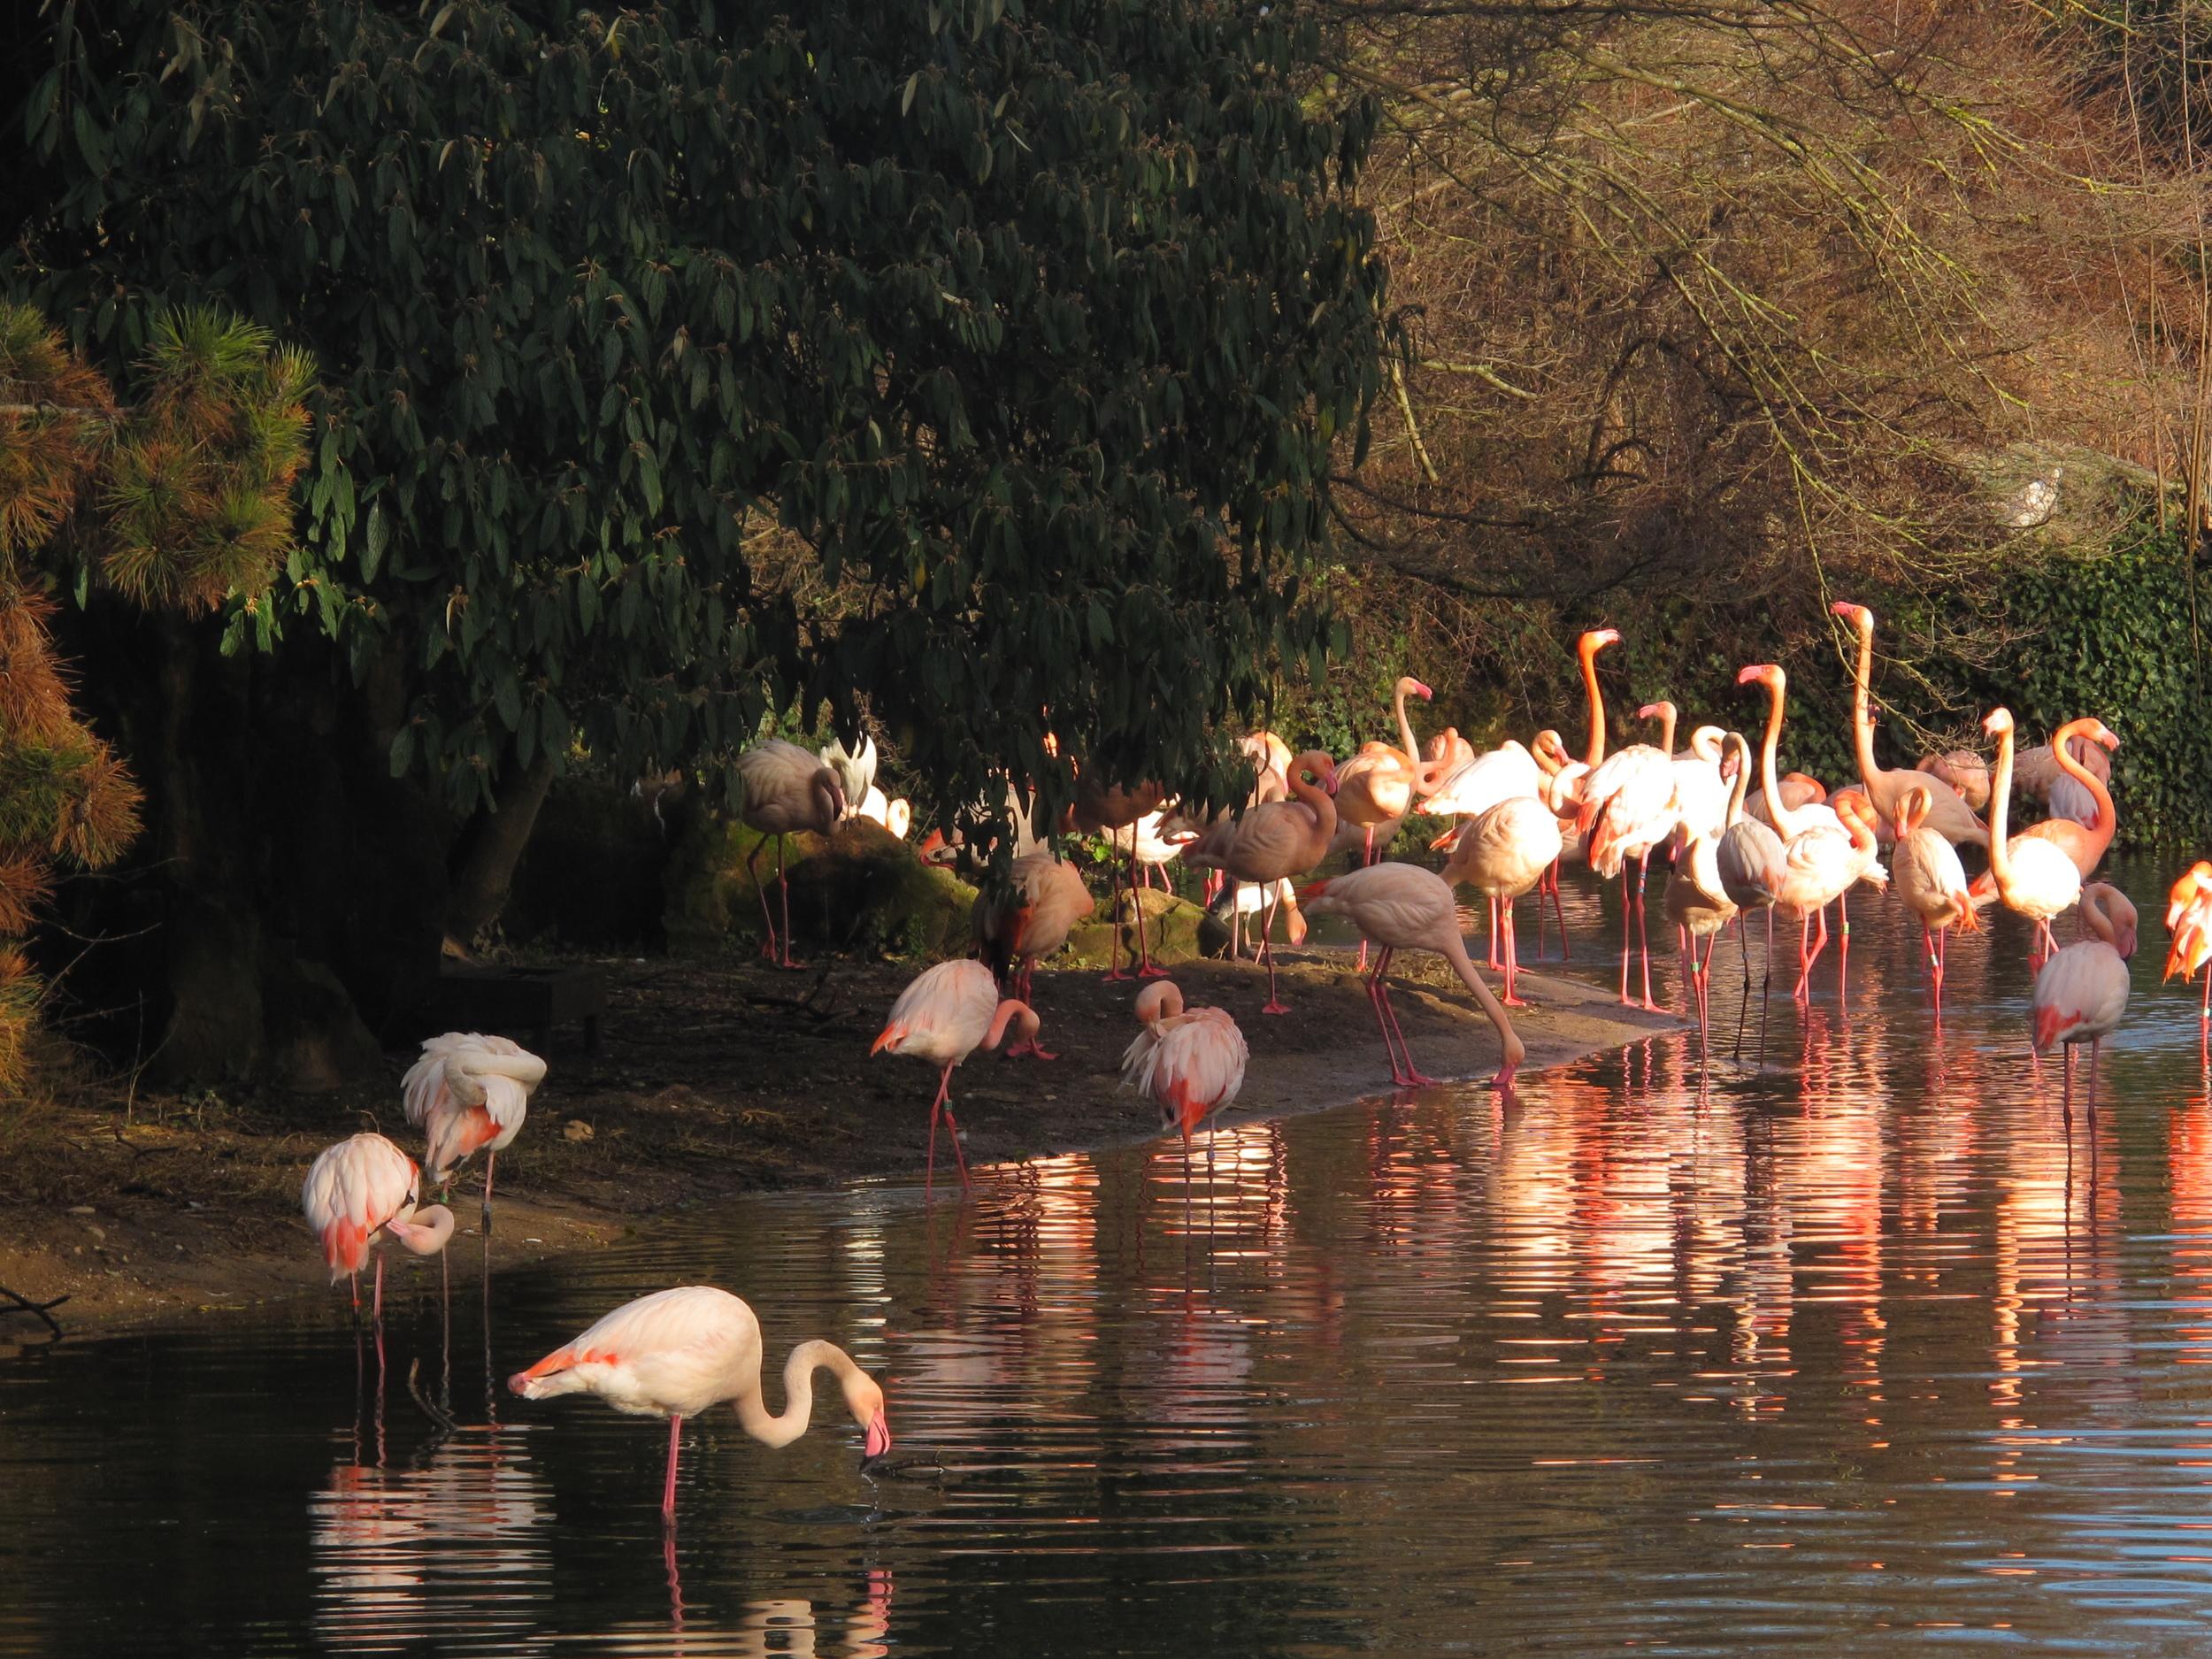 Flamingos in zoo of Parc de la Tête d'Or